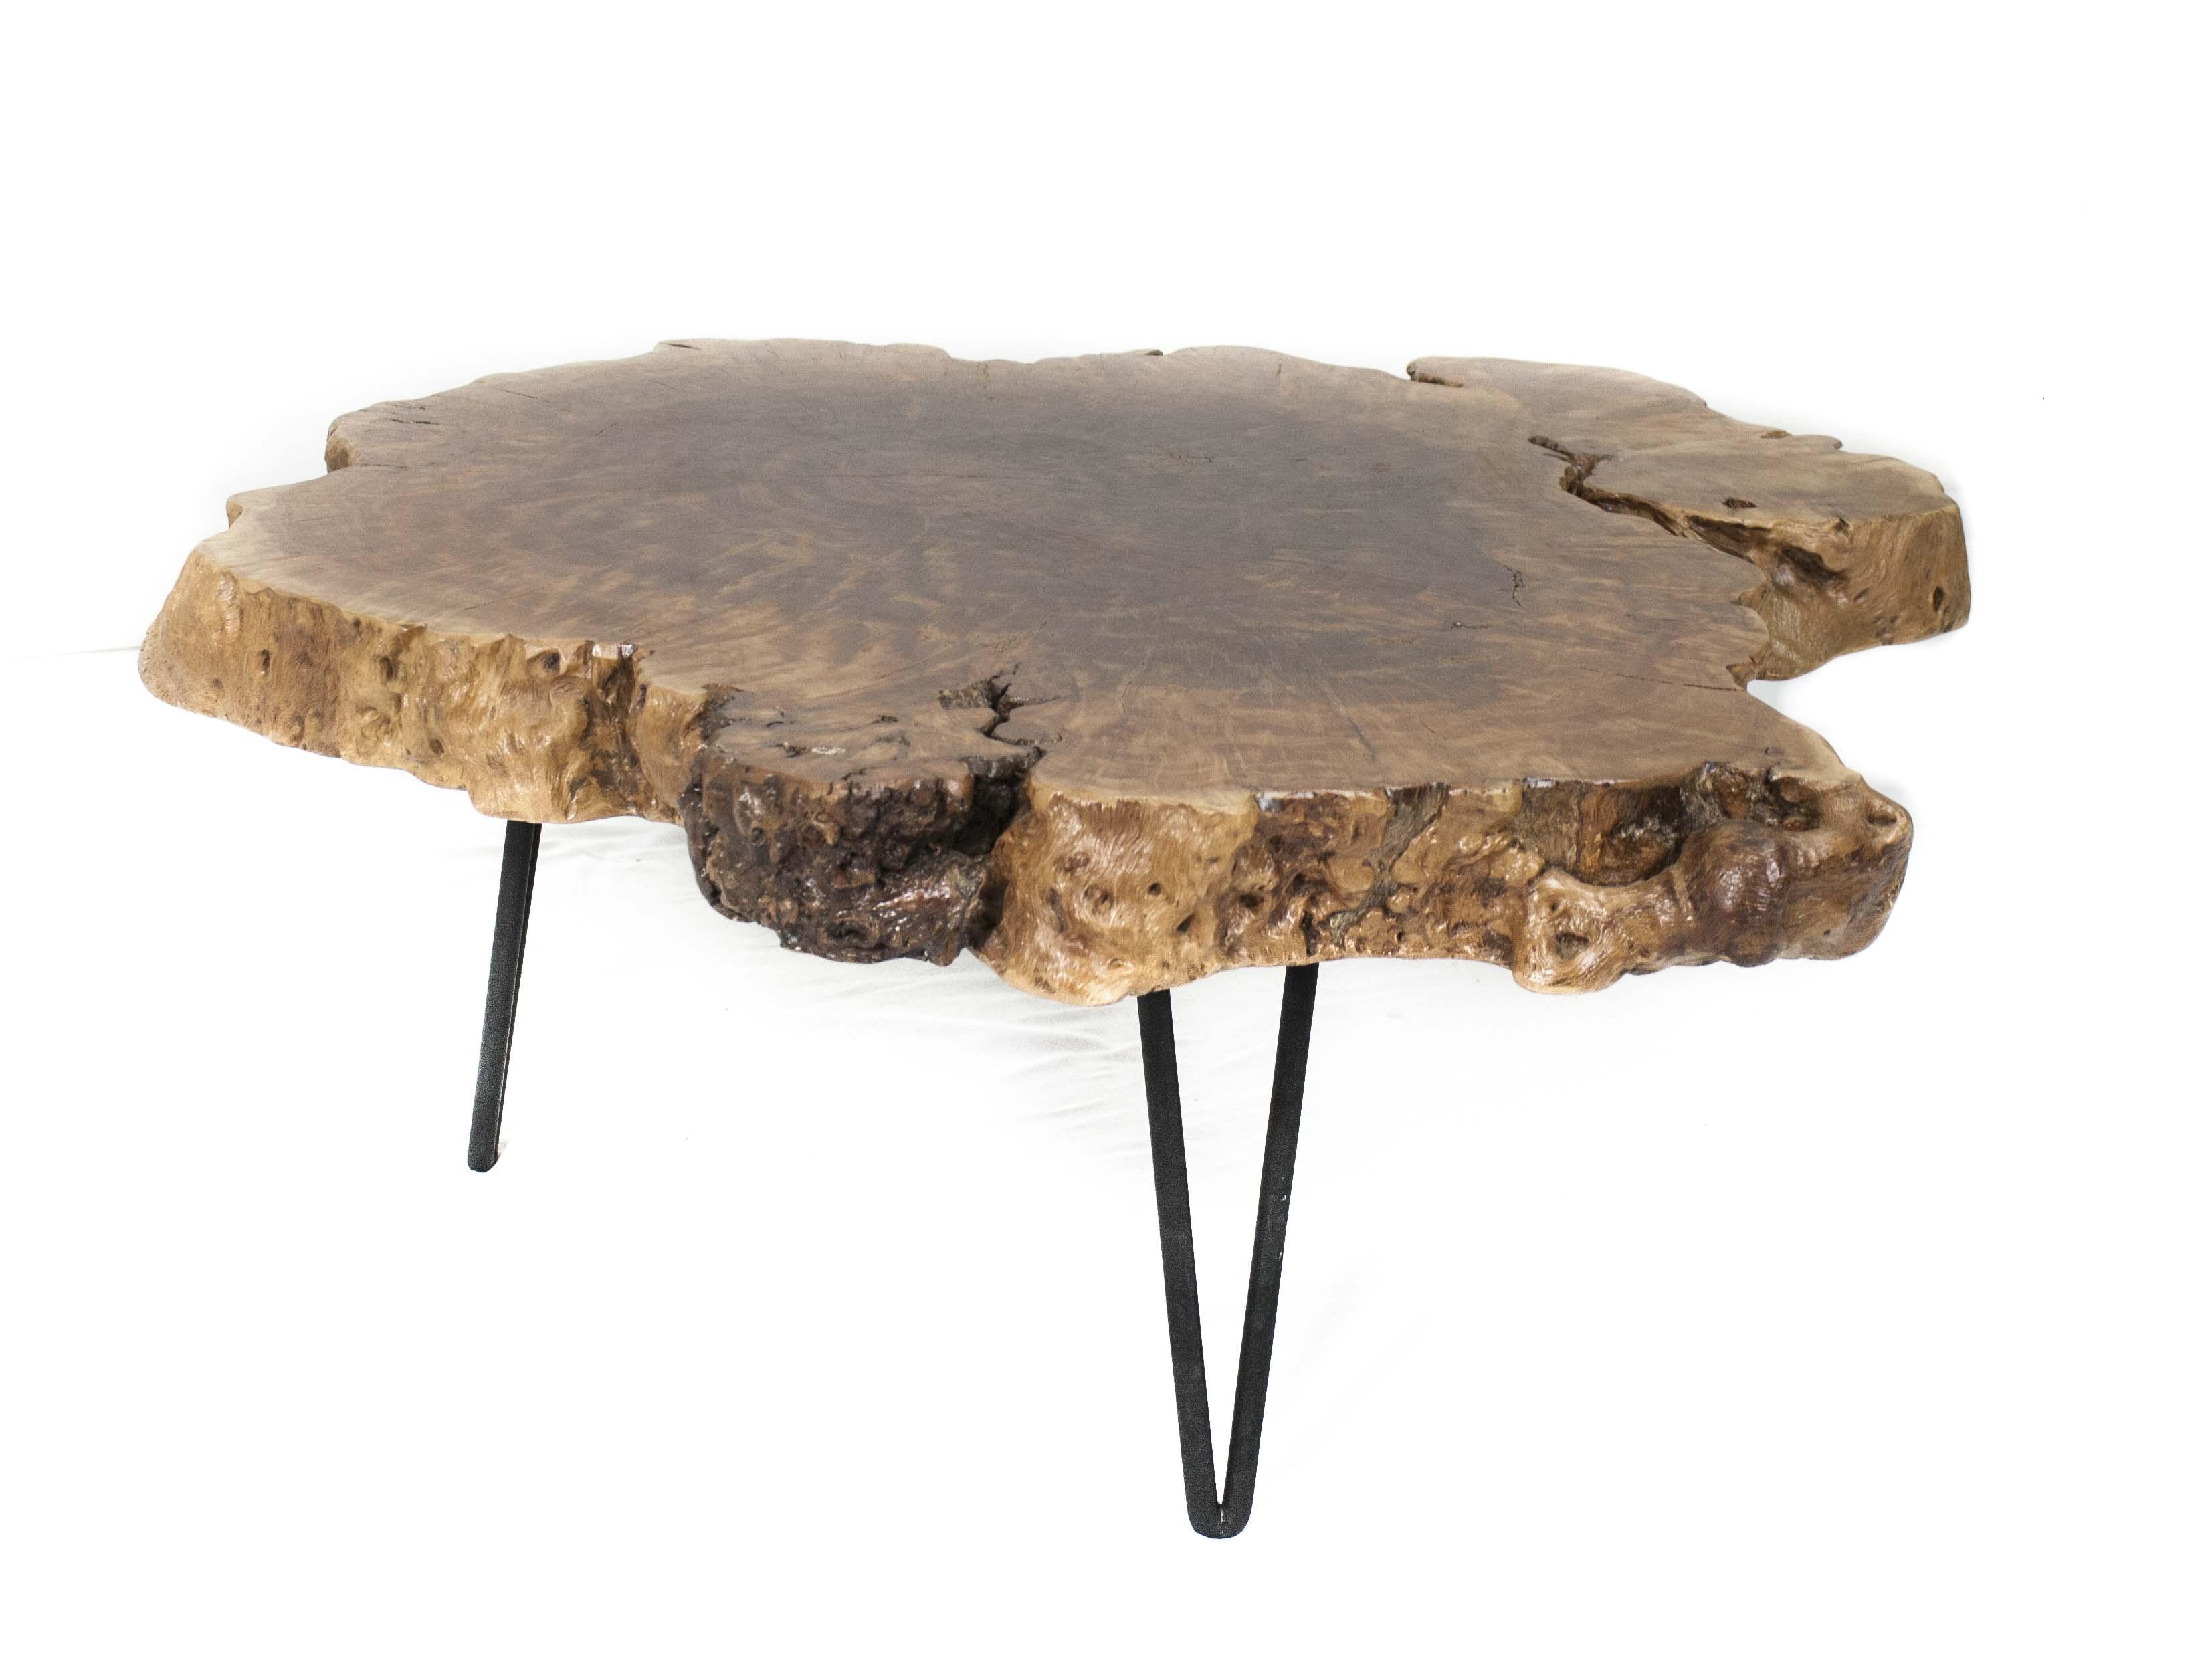 Beistelltisch couchtisch stammholz der tischonkel - Beistelltisch baumscheibe ...